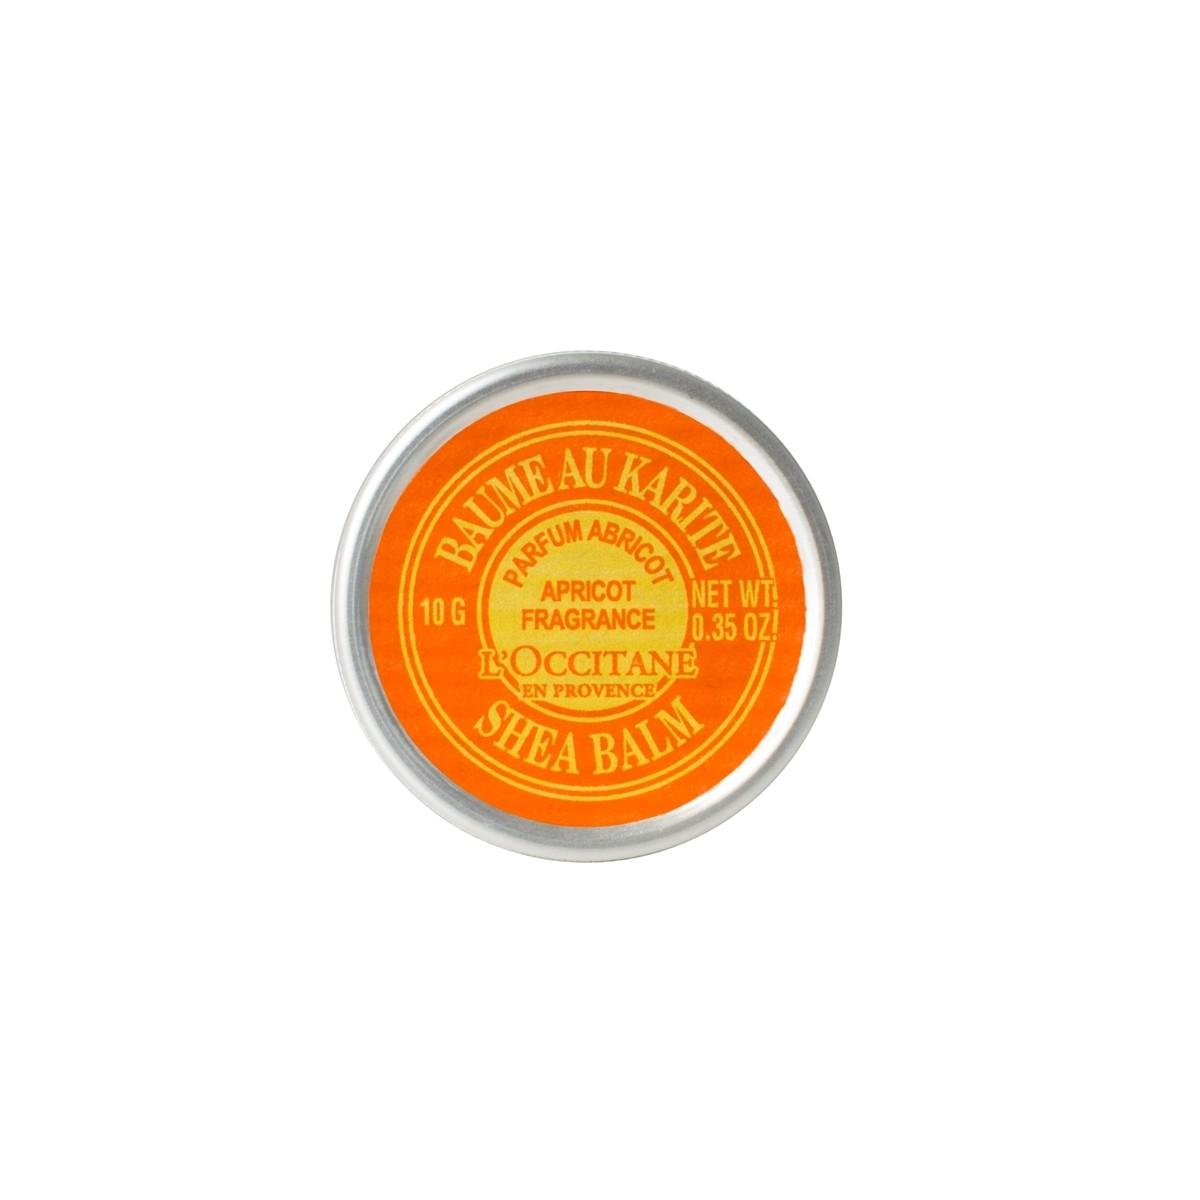 ロクシタン(L'OCCITANE) ロクシタンジャポン シアバター(アプリコット)